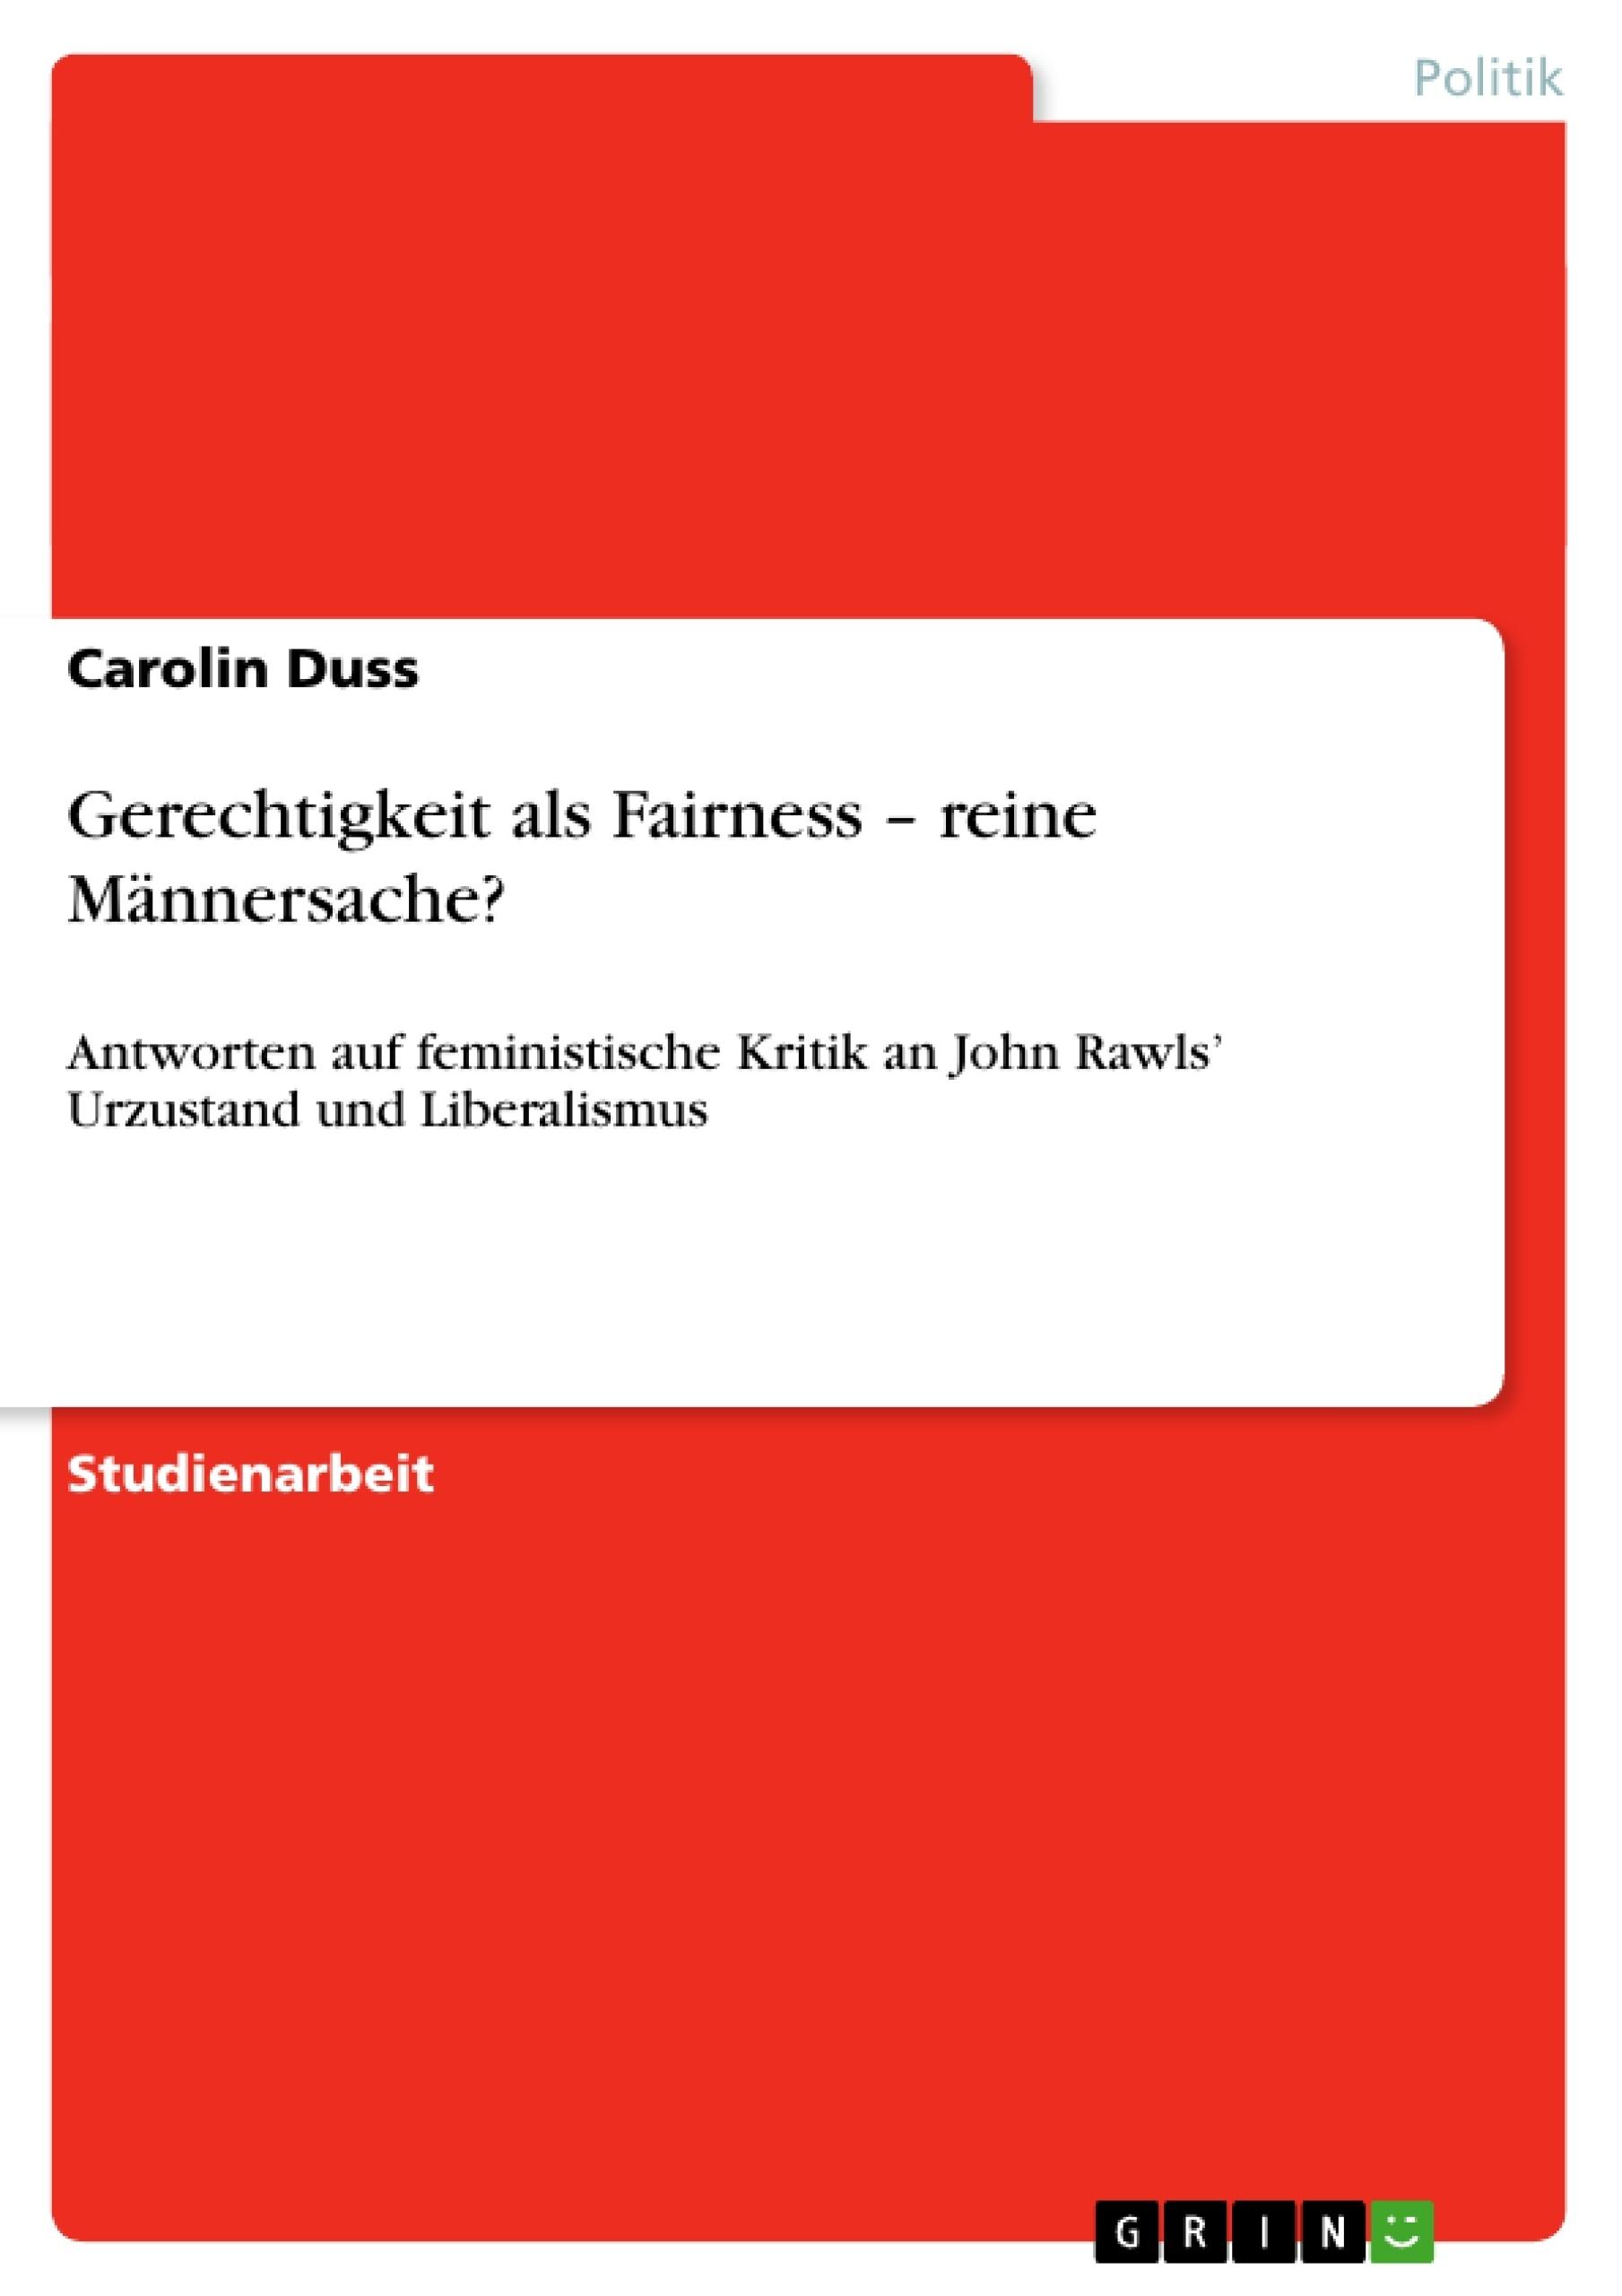 Titel: Gerechtigkeit als Fairness – reine Männersache?